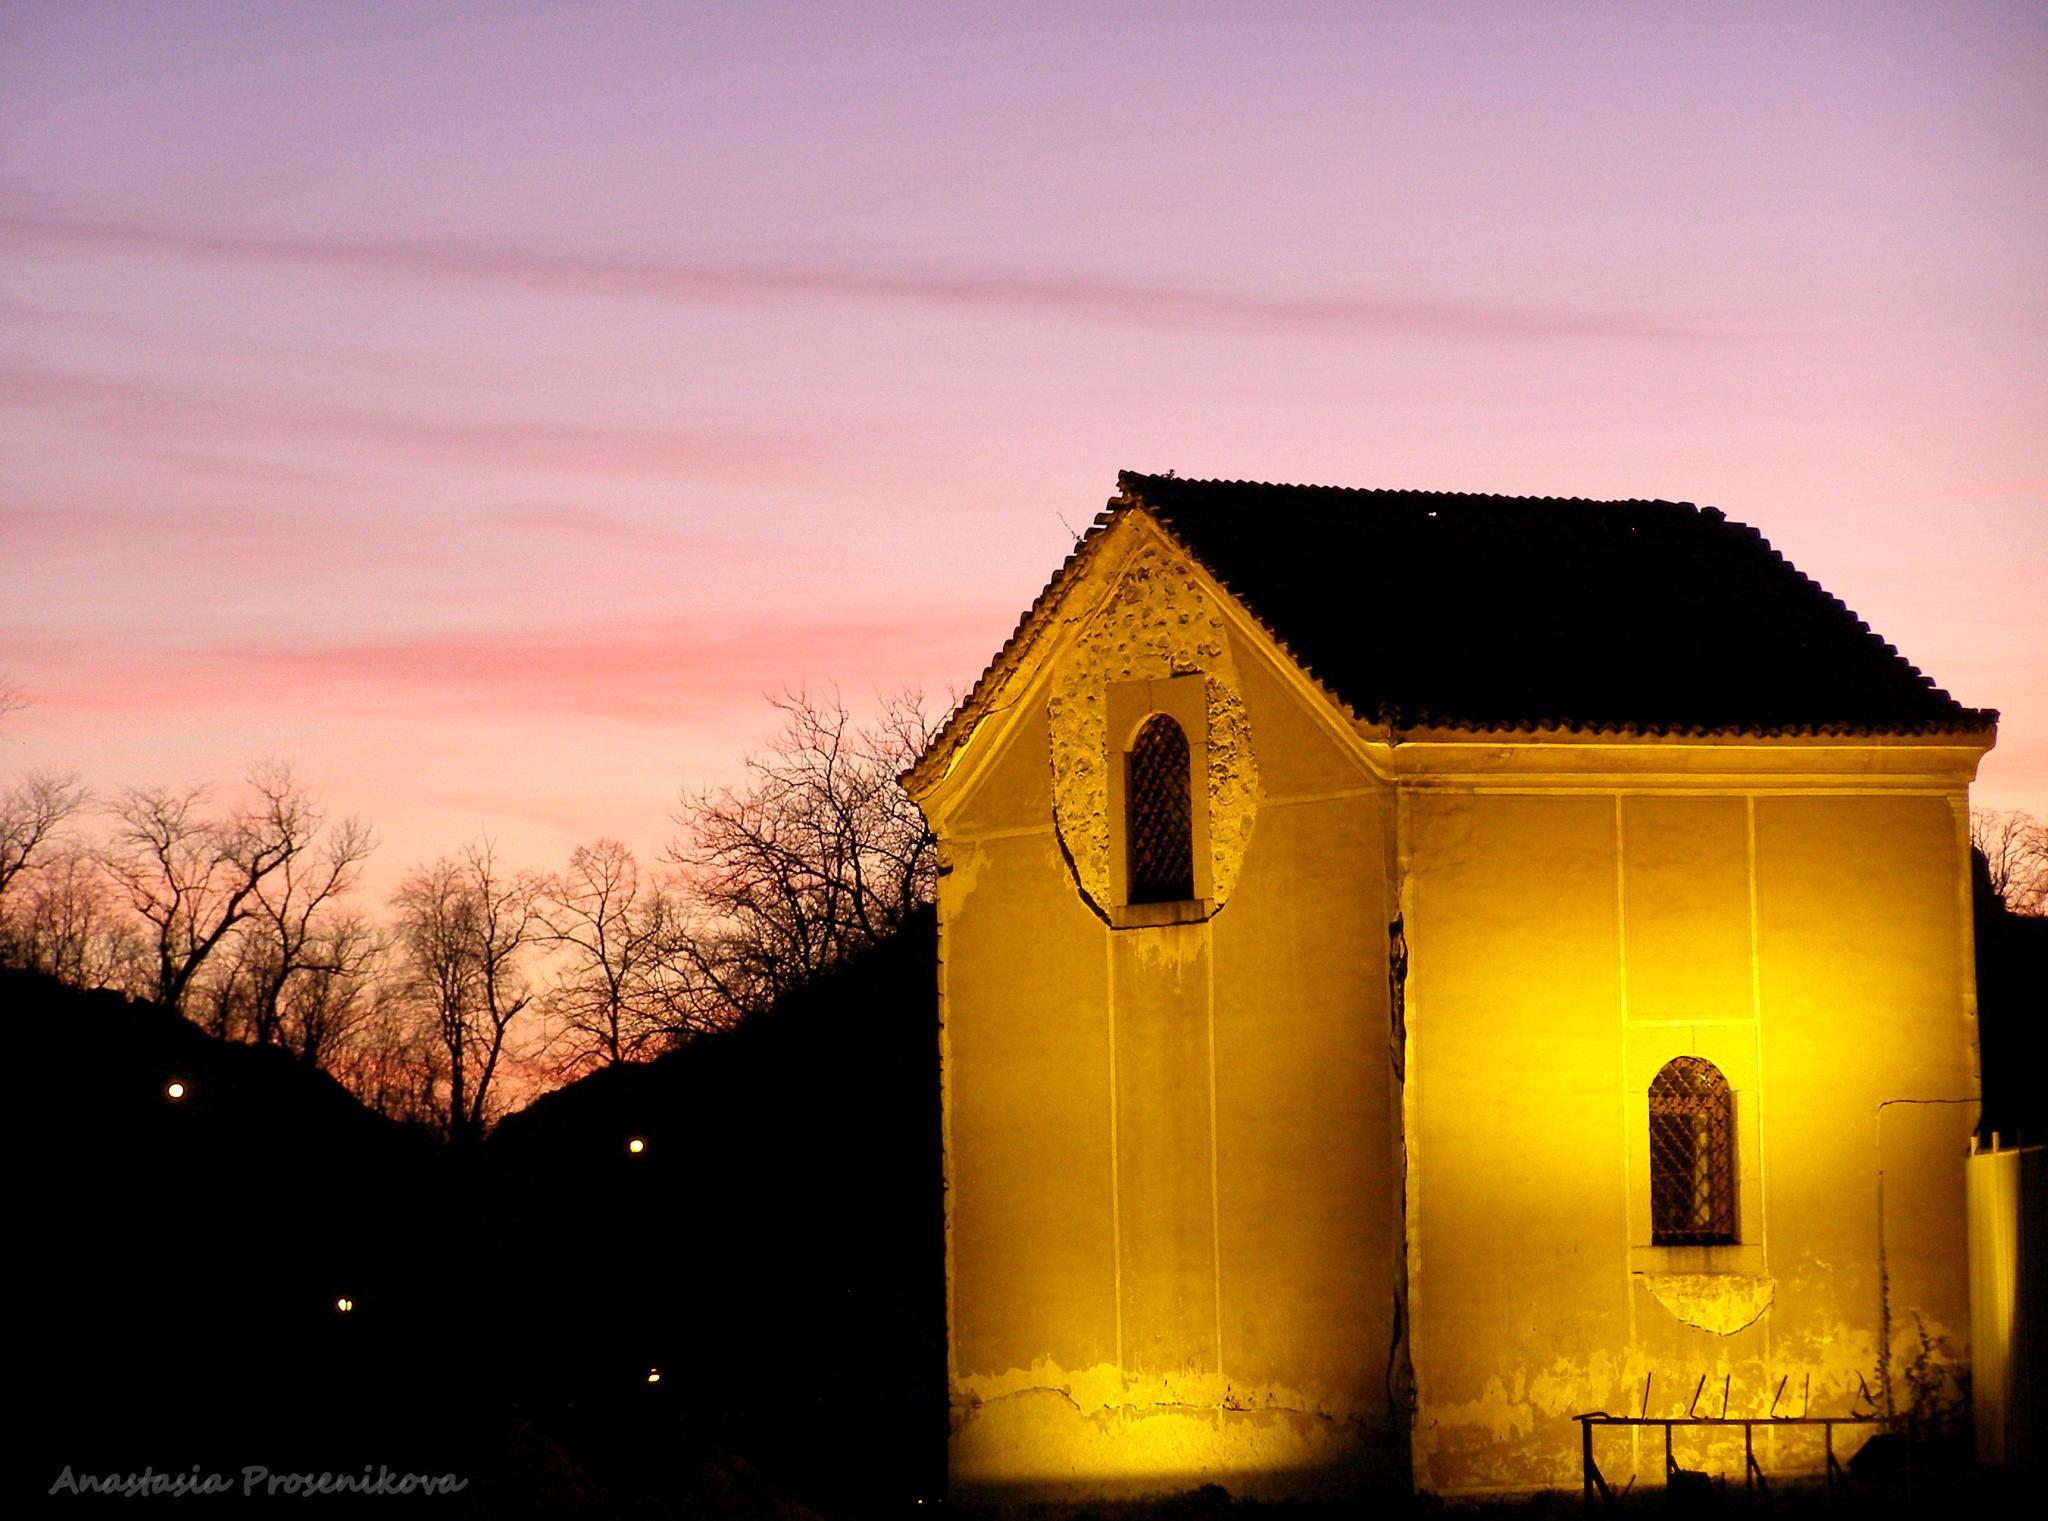 Sunset, Bulgaria by anastasia.prosenikova